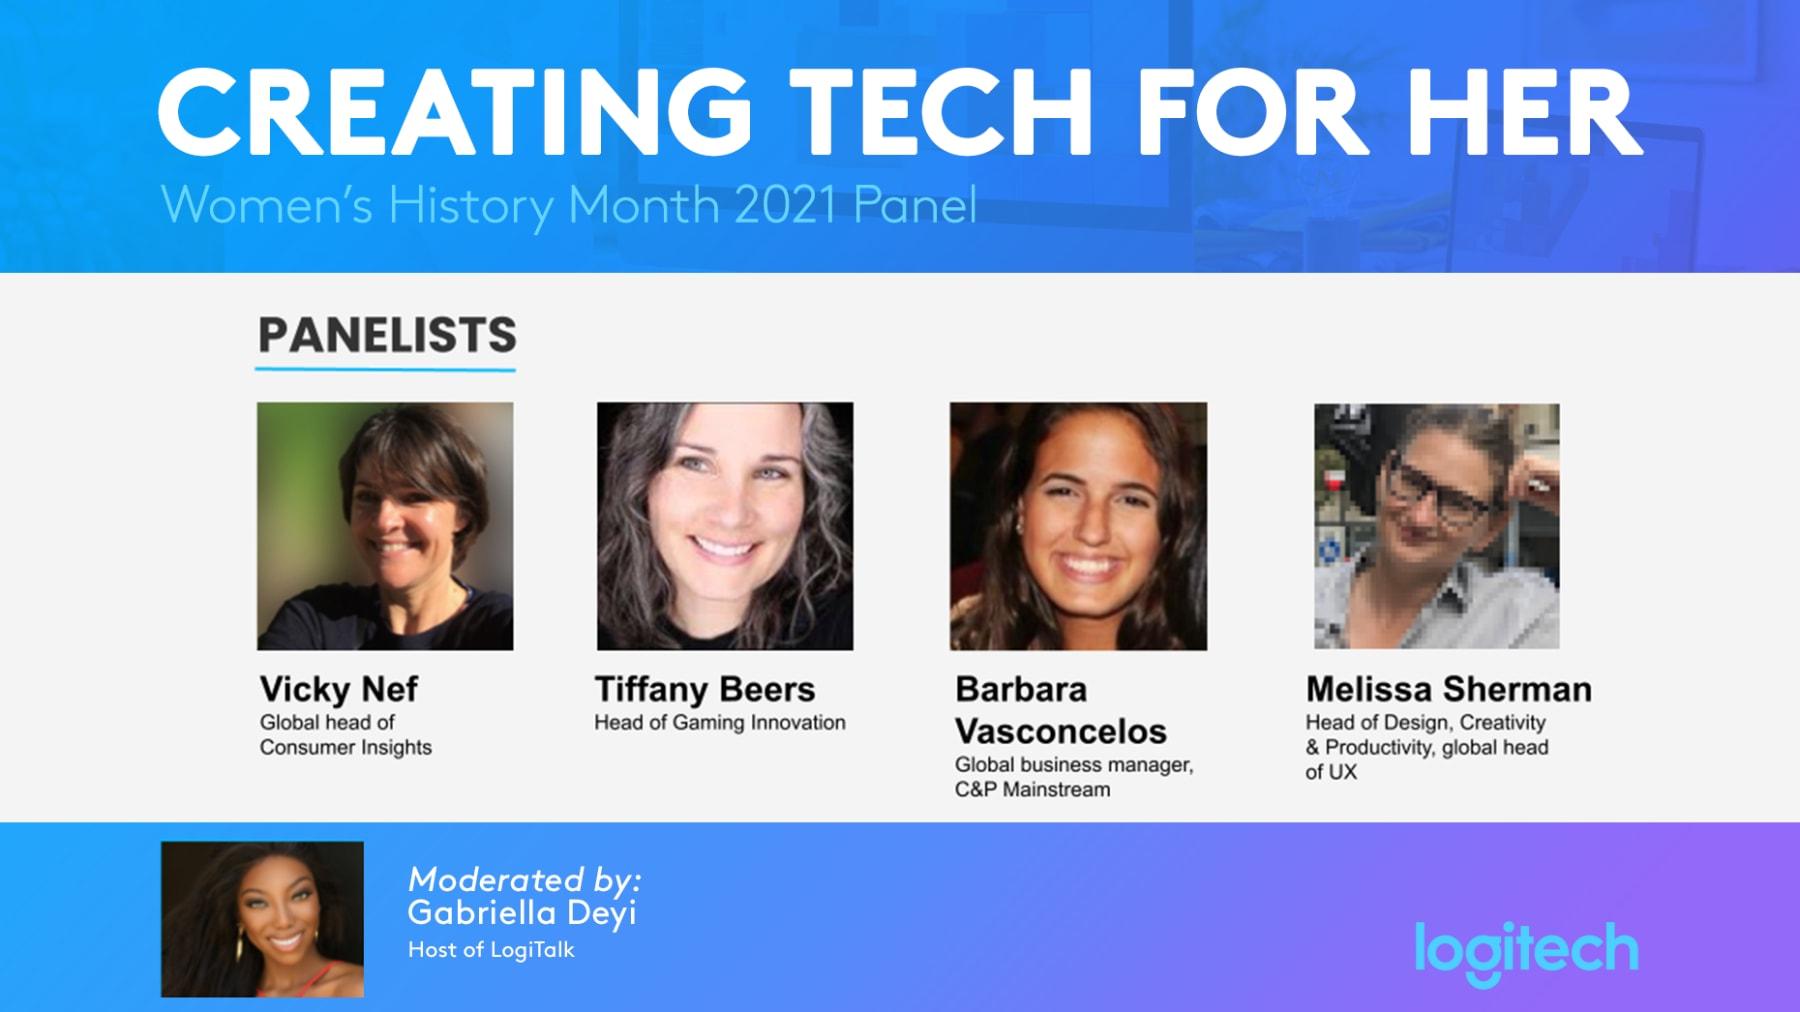 Kvinnlig teknikpanel för kvinnohistoria